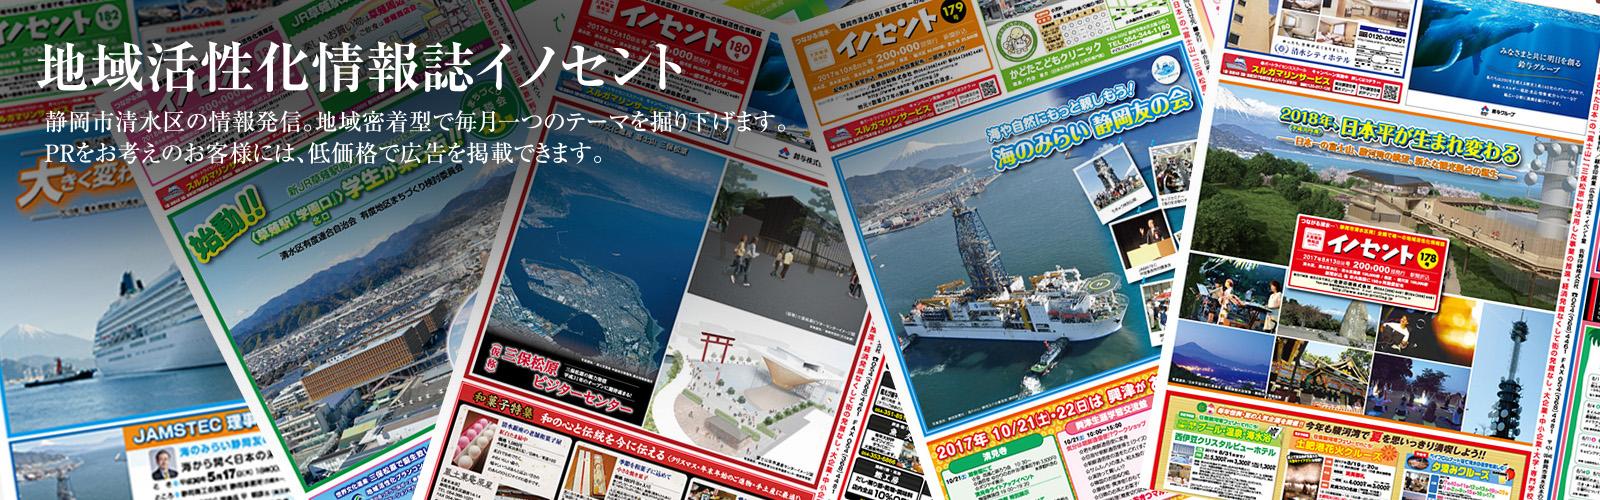 地域活性化情報誌イノセントでは静岡市清水区の情報発信。地域密着型で毎号一つのテーマを掘り下げ。PRをお考えのお客様には、低価格で広告を掲載できます。